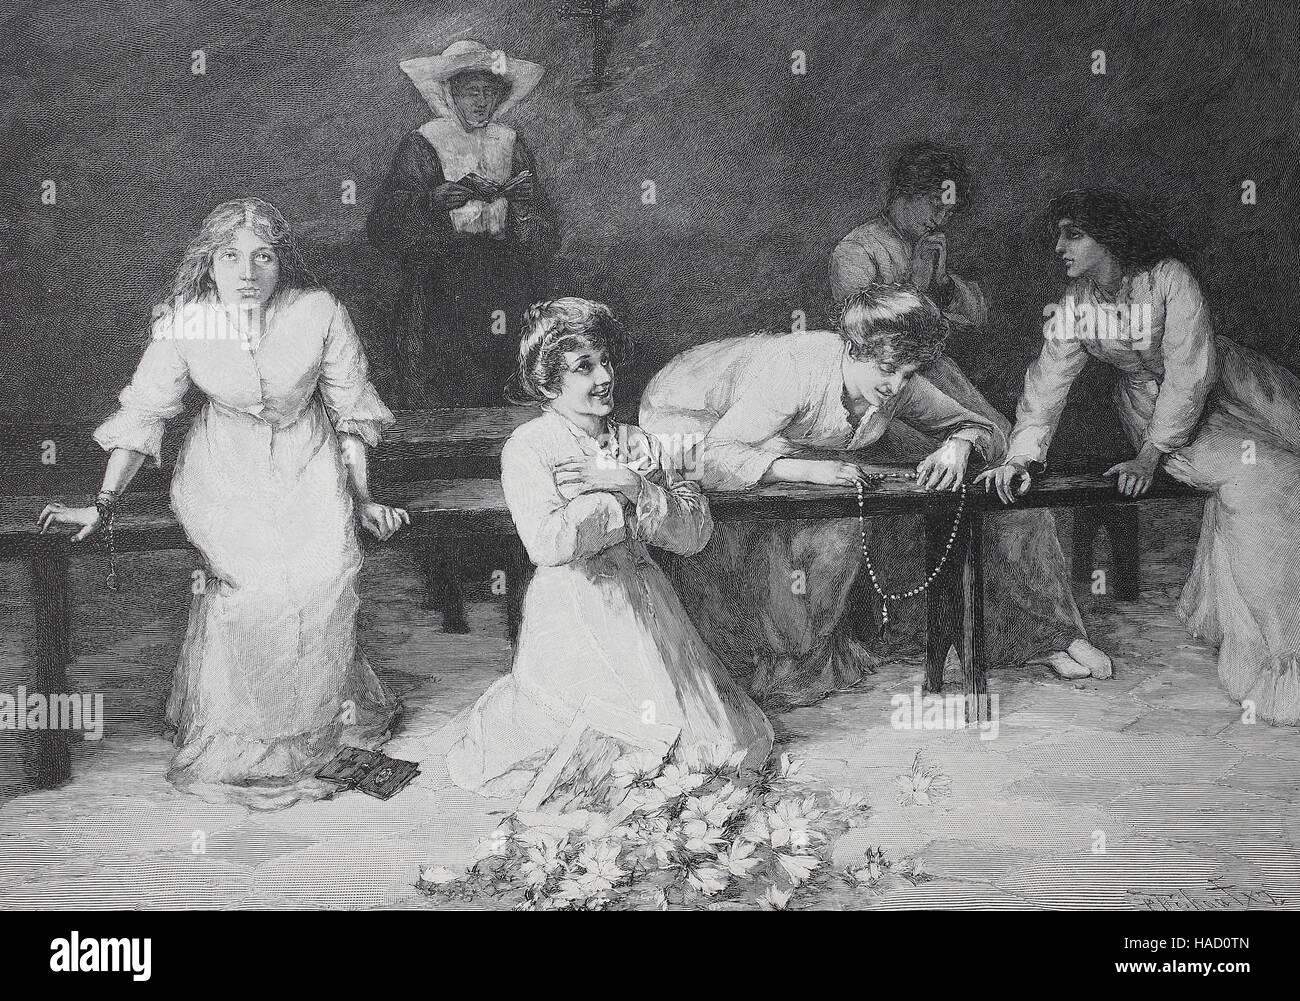 verrückte Frauen, Wahnsinn, Verrücktheit oder Wahnsinn, von N. Attanasio, Illustration im Jahr 1880 veröffentlicht Stockbild